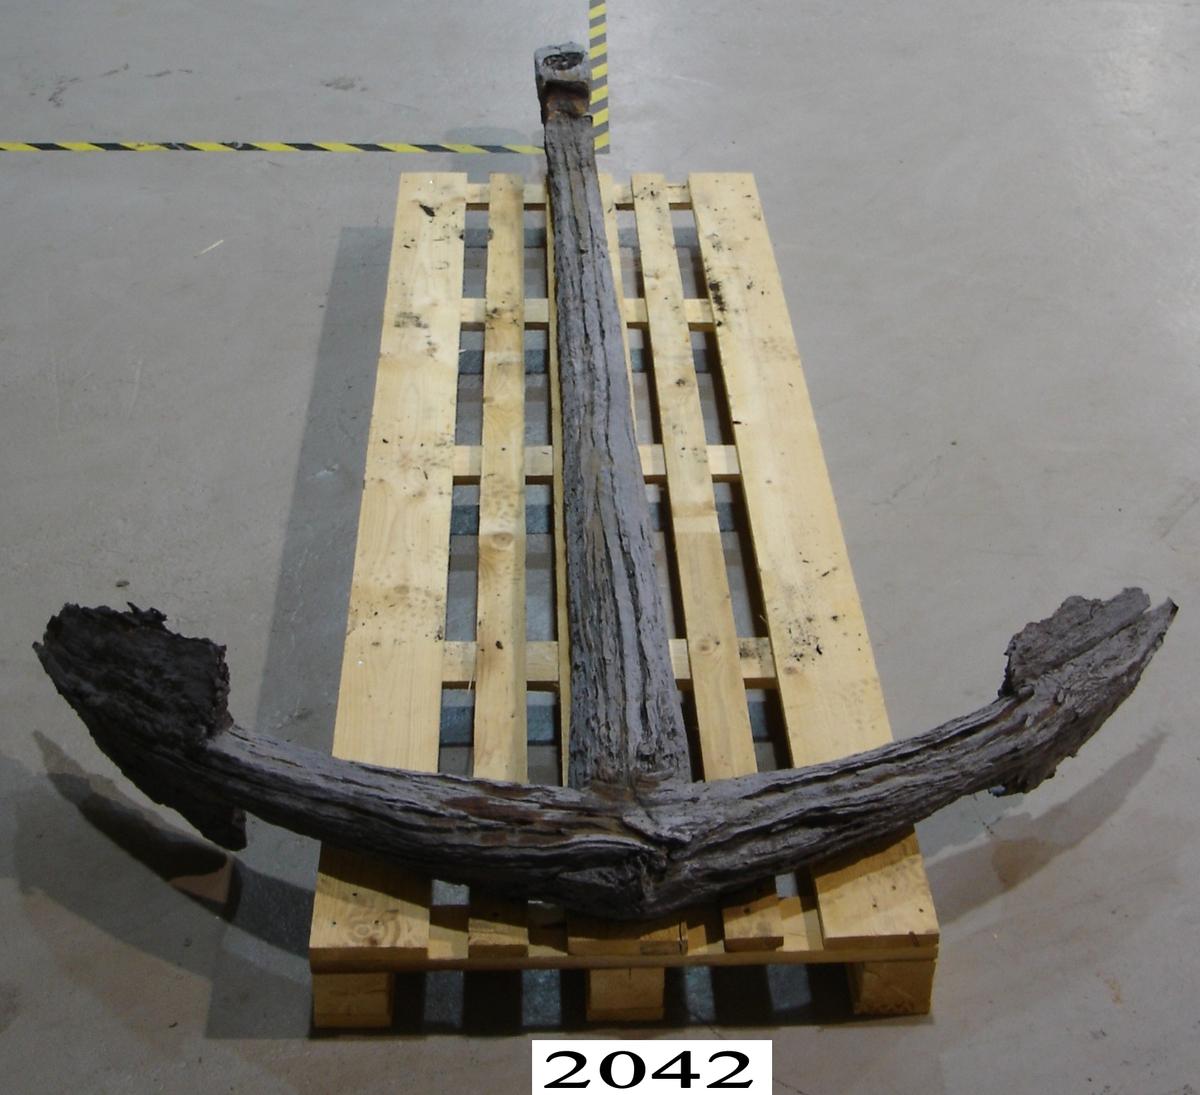 Varpankare, från förra hälften av 1700-talet, troligen svenskt. Det är upphittat vid fiske med trål sydost om Utklippan i augusti 1953. Lägg med flyna samt ankarringen mycket anfrätta av rost. En del av ringen klädd med buldan har bibehållit sin ursprungliga diameter. Stocken är i två halvor, sammansatta av pluggar av trä. Den har bibehållit sin ursprungliga form men blivit svart och hård.